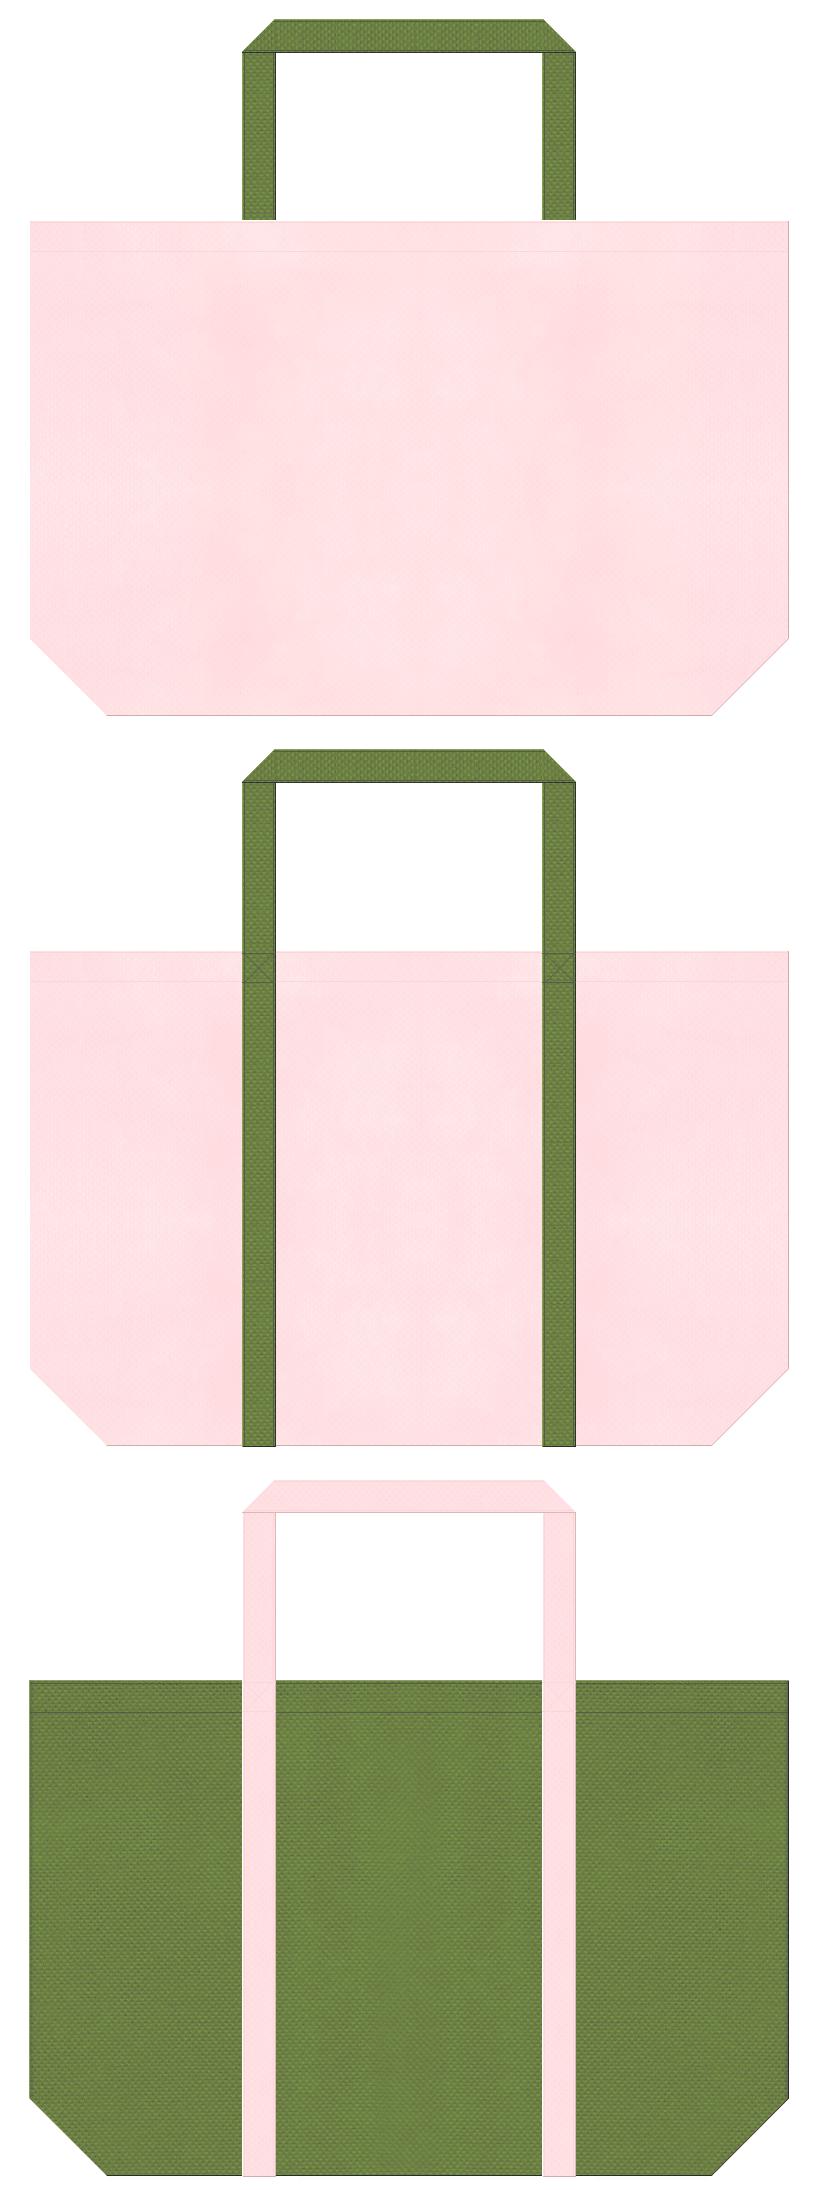 桜色と草色の不織布バッグデザイン。桜餅・三色団子の配色で、和雑貨のショッピングバッグにお奨めです。